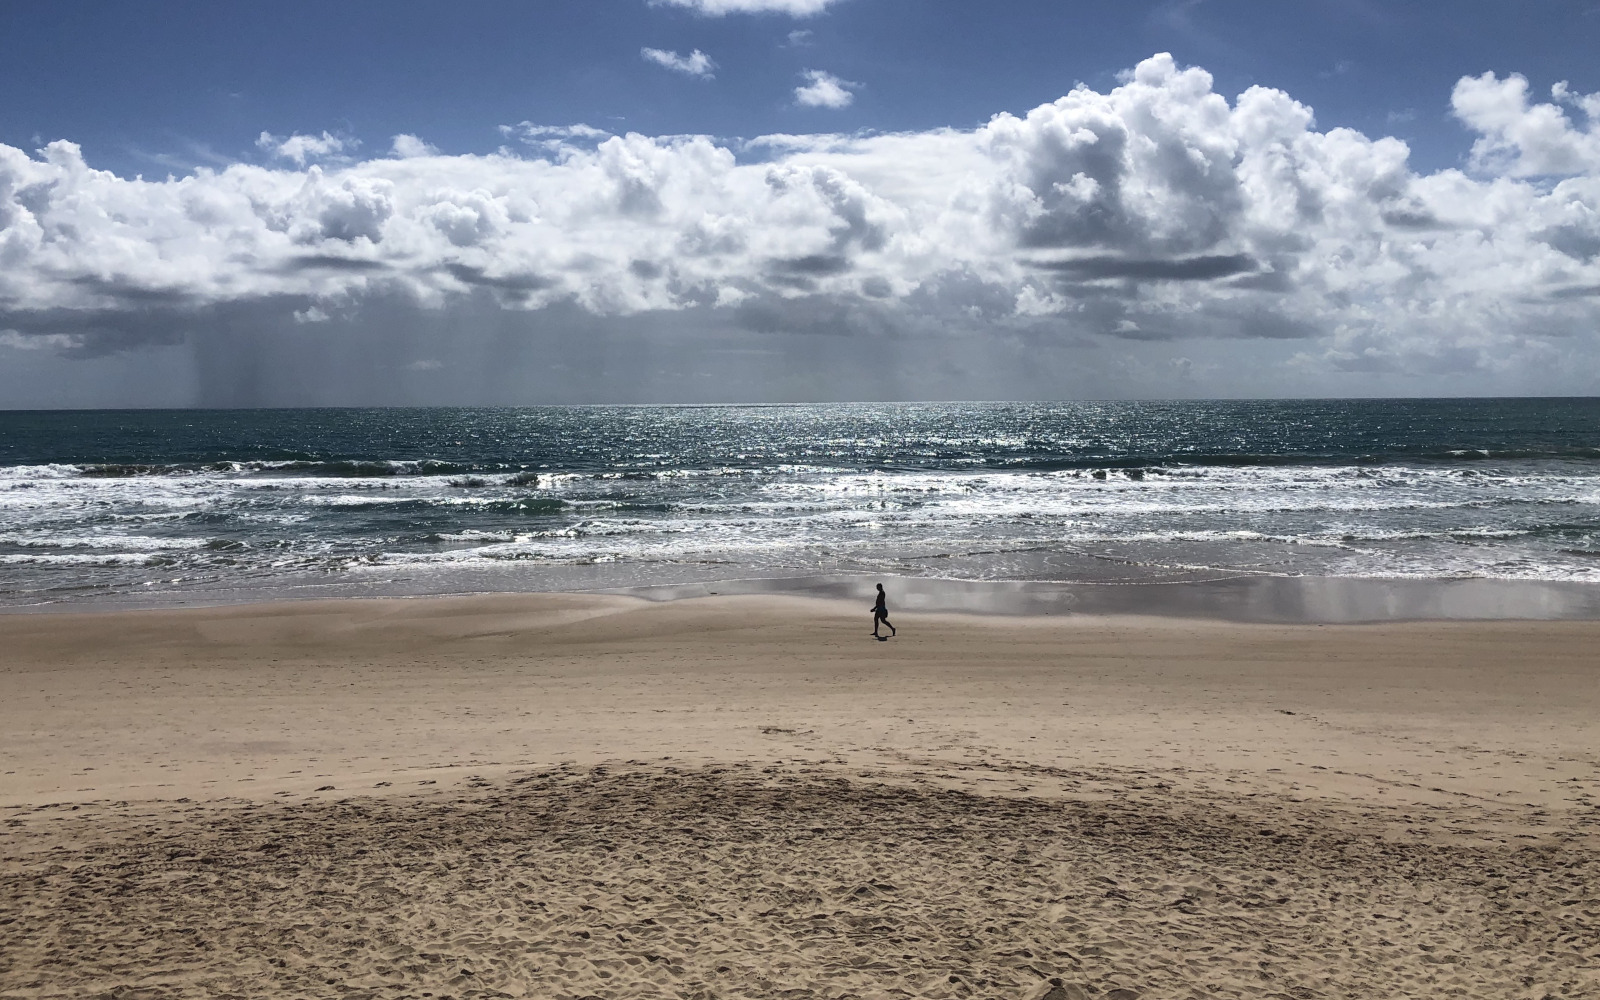 La suggestiva spiaggia, spesso deserta, di Porto de Galinhas in Pernambuco. © oltreilbalcone